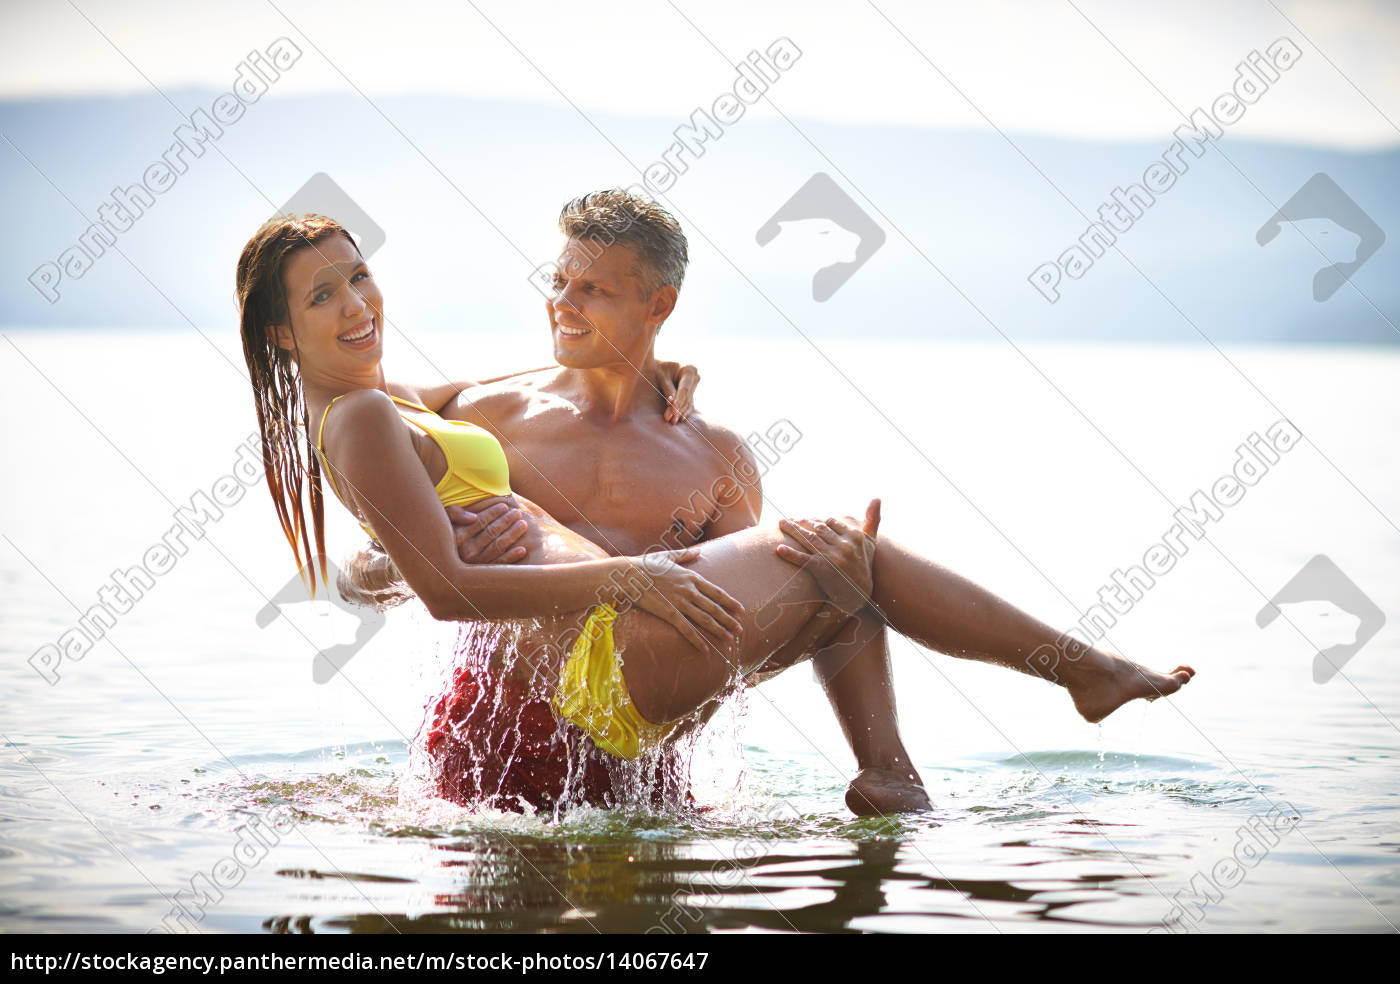 summer, vacation - 14067647